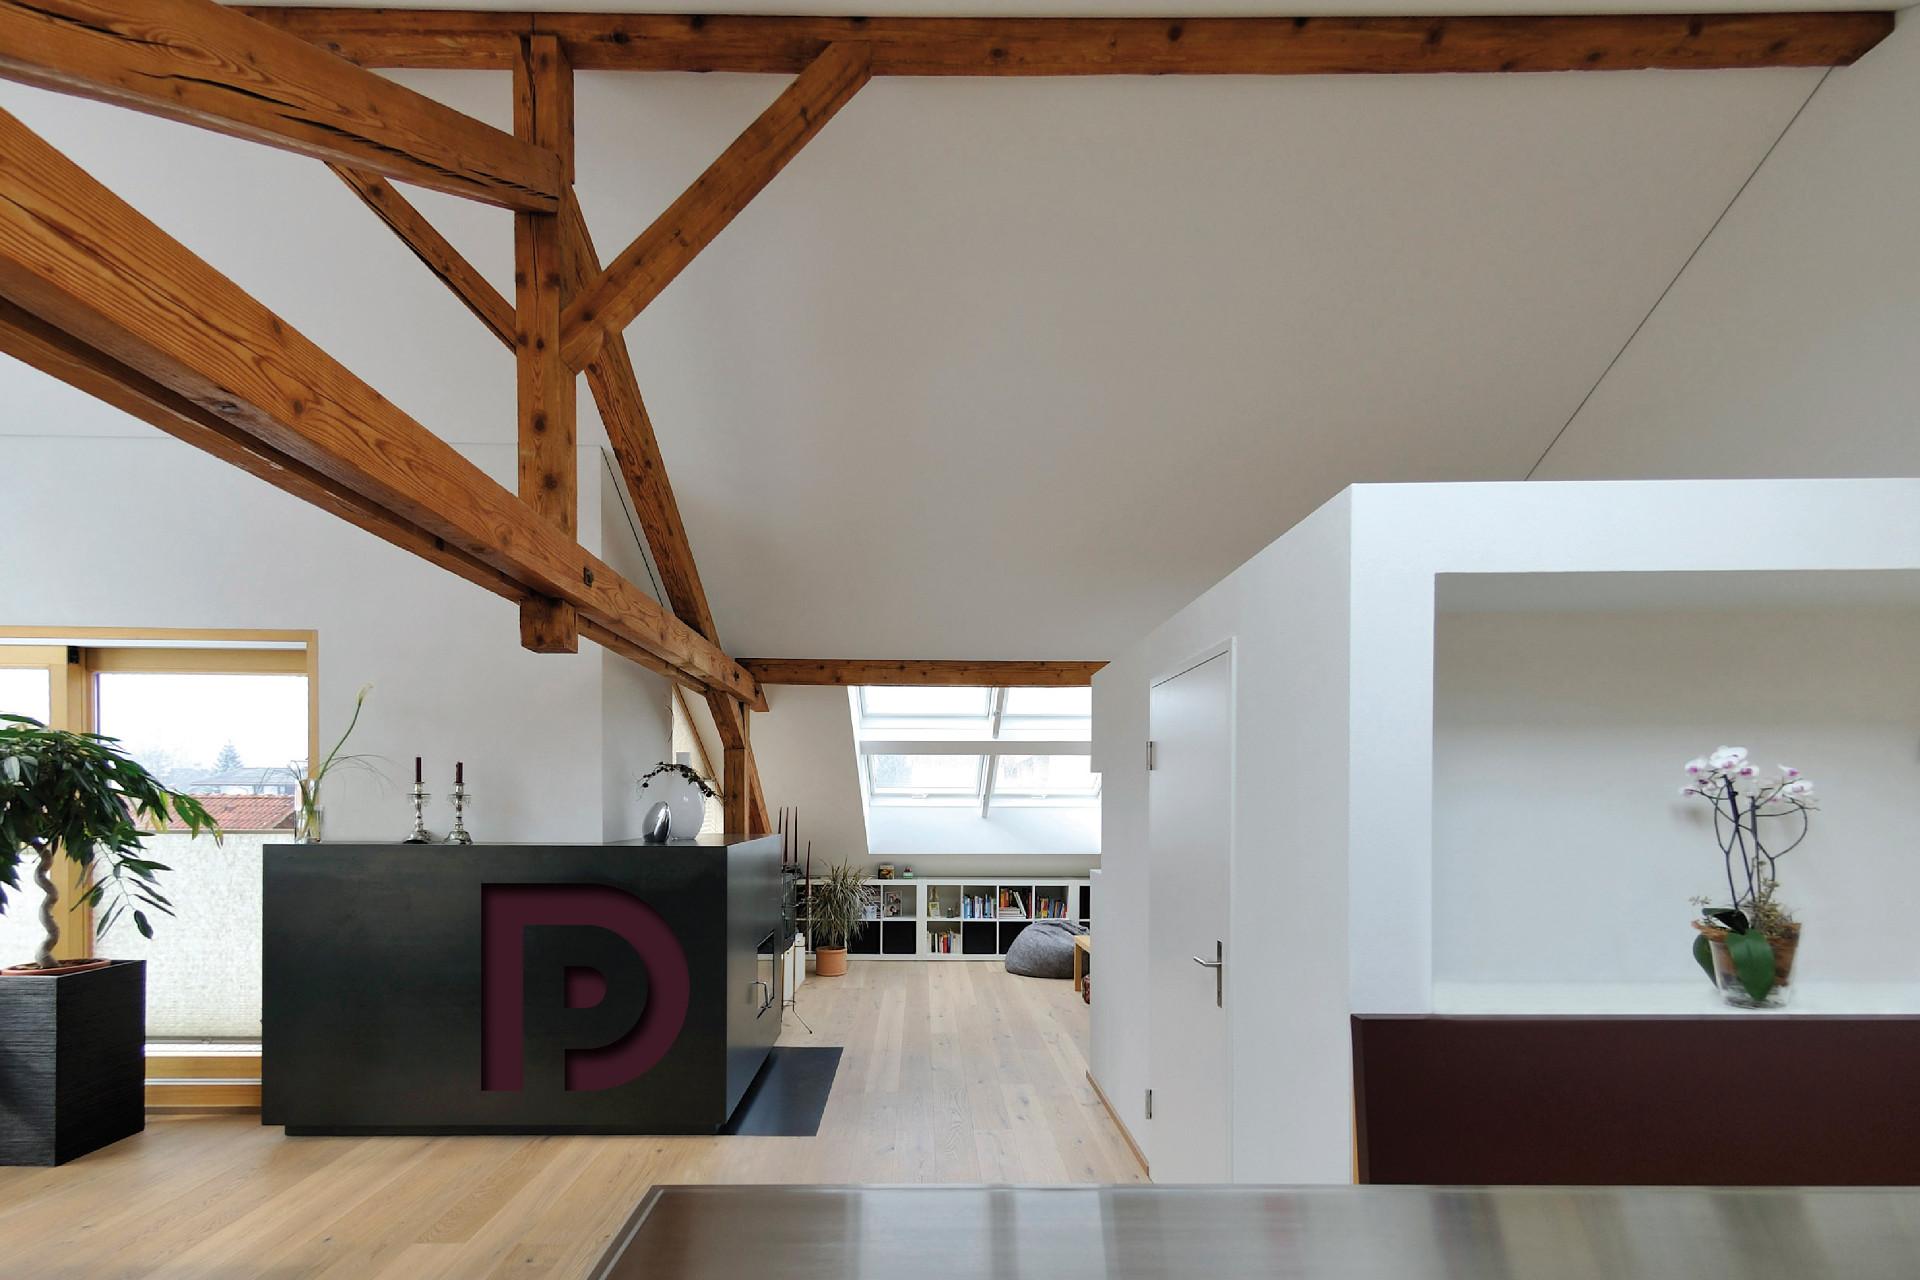 Innen Architektur pd innenarchitektur